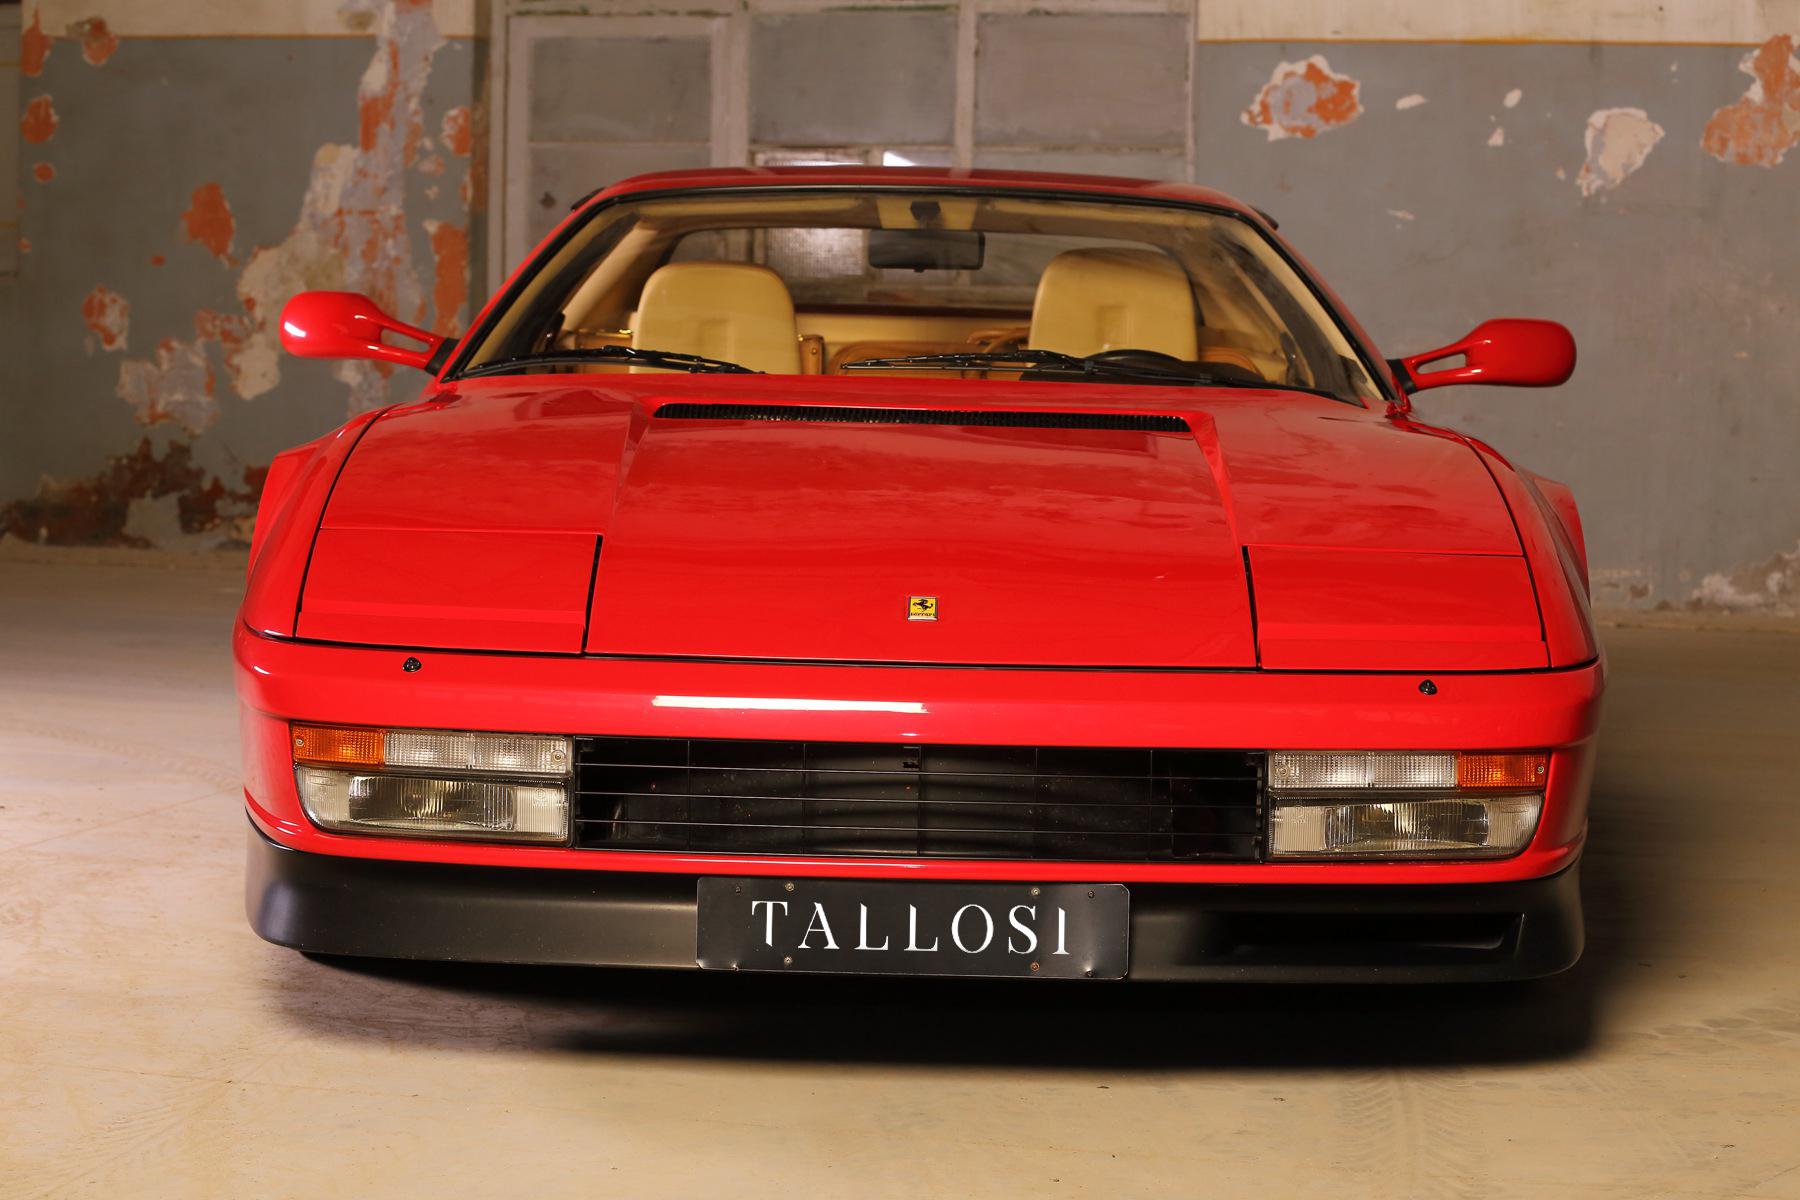 tallosi-0001